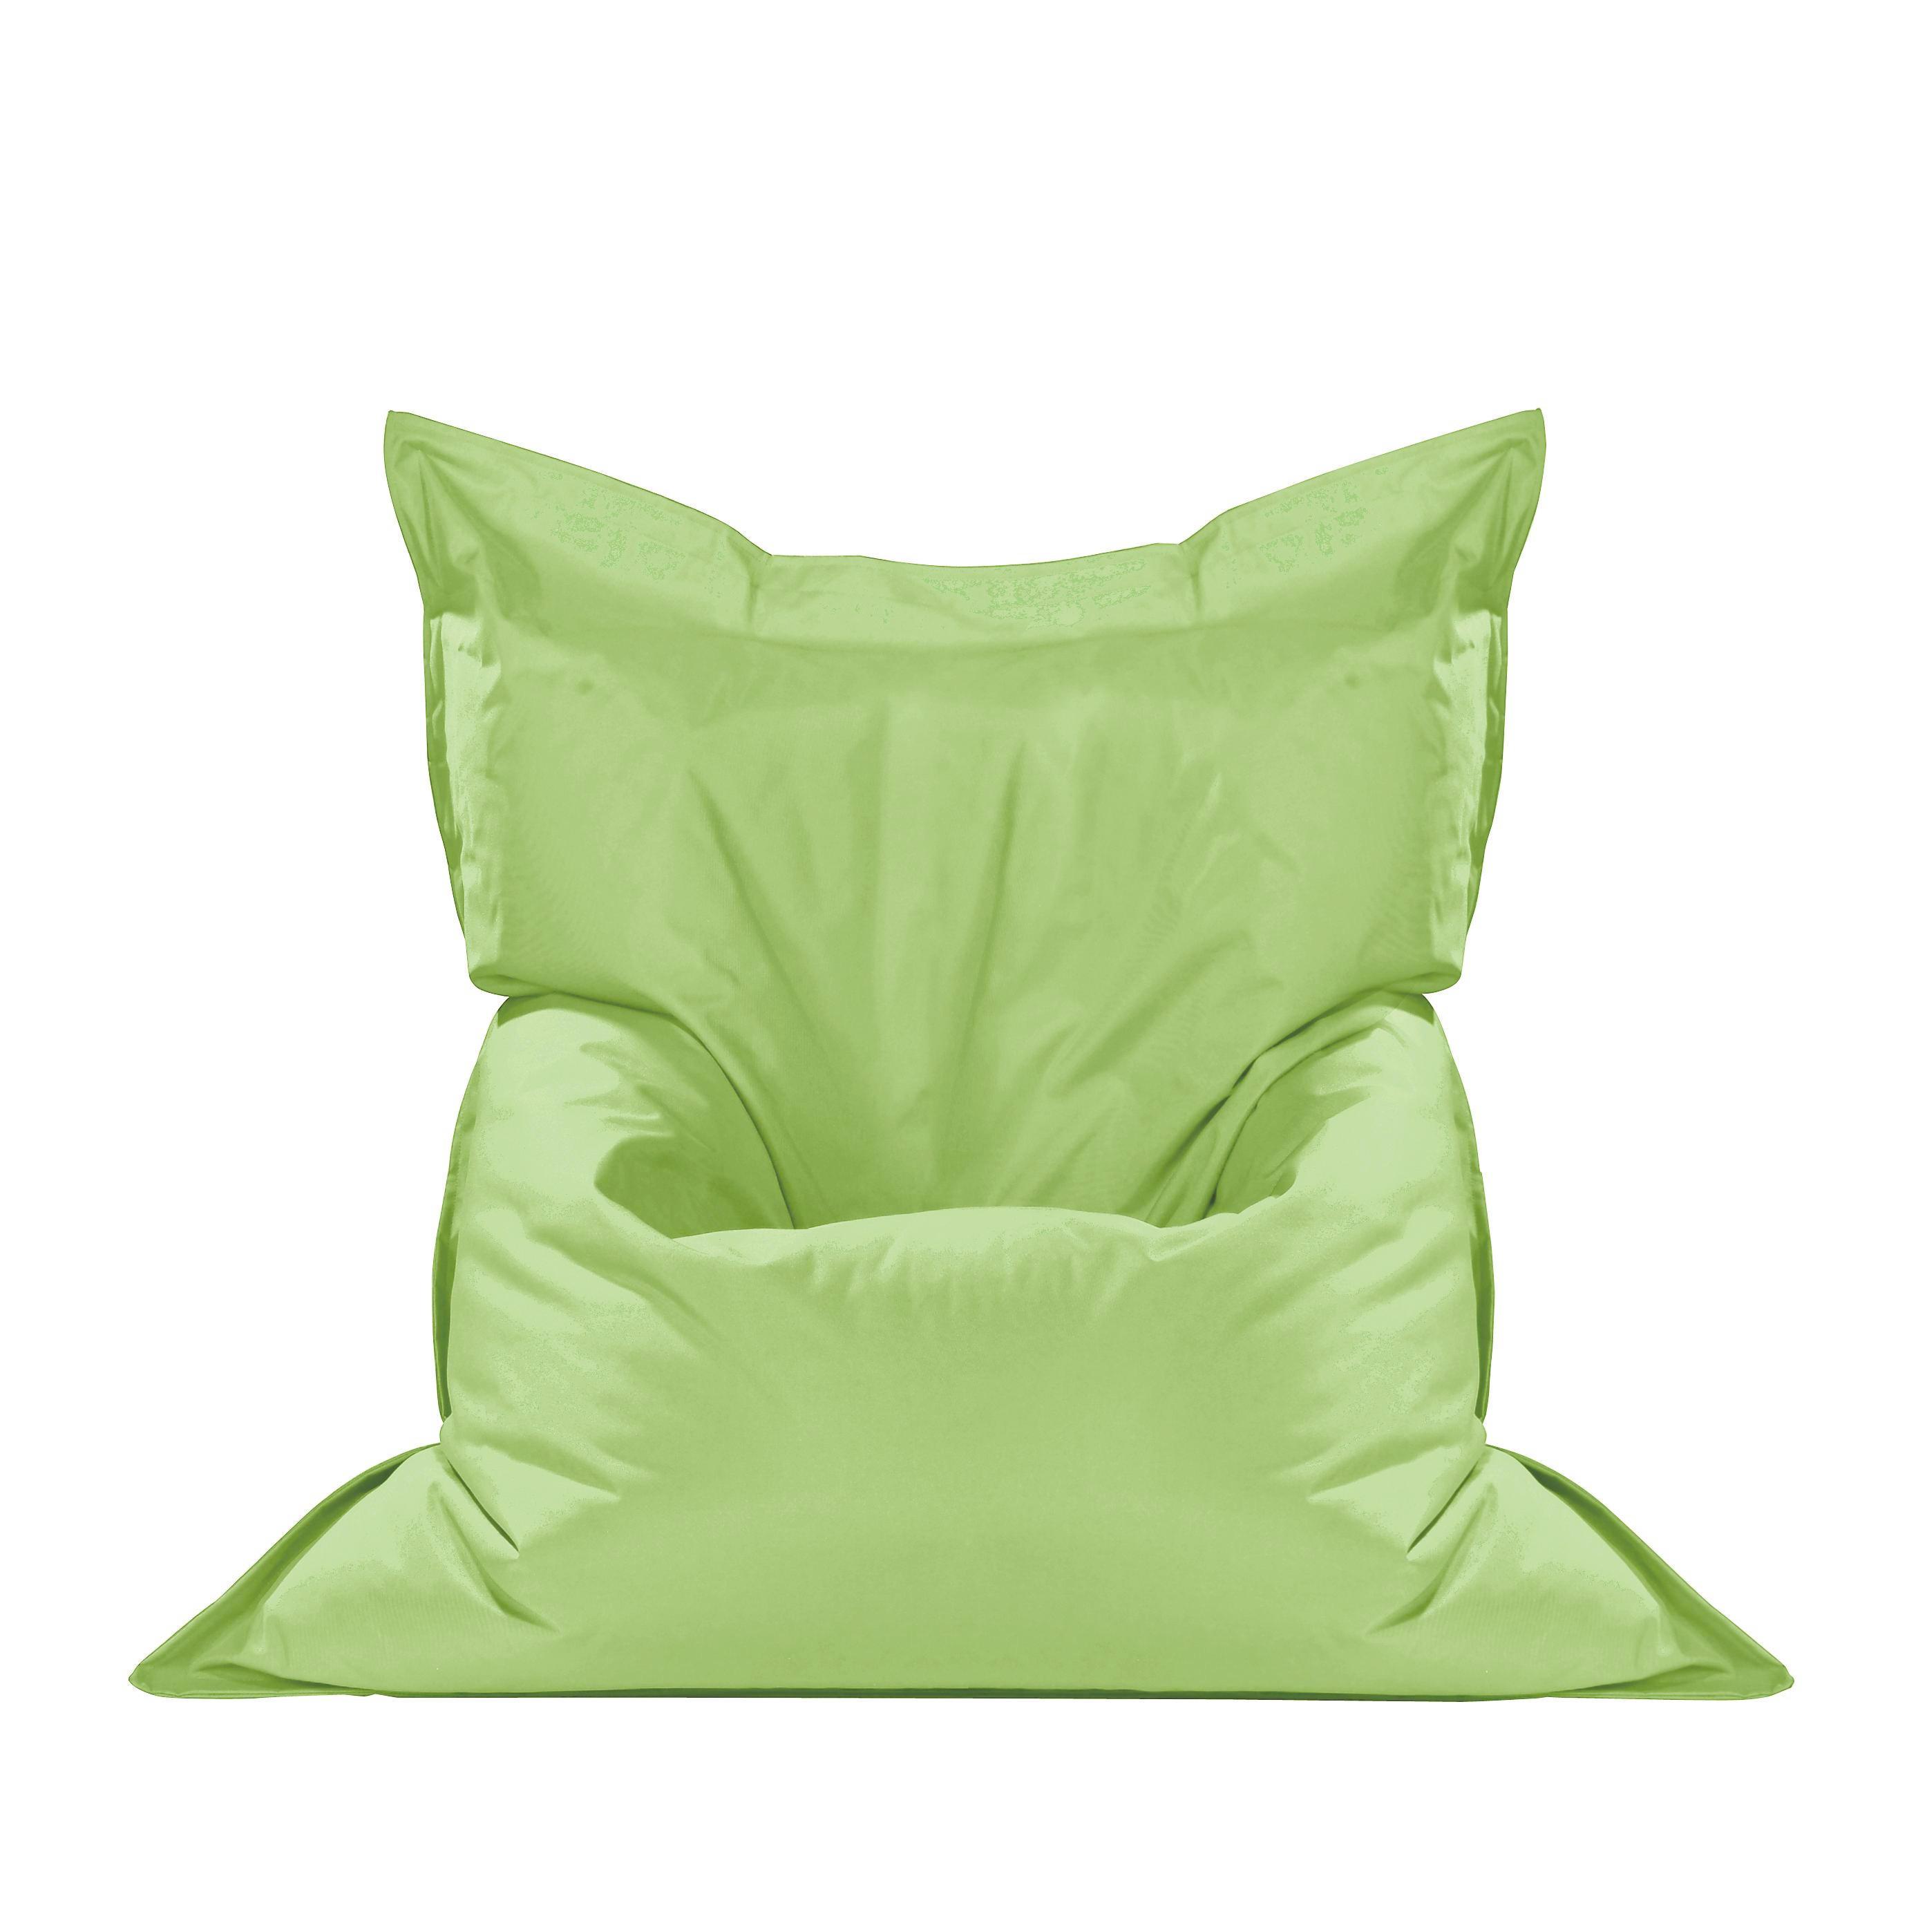 VREČA ZA SEDENJE BARI - zelena, Design, tekstil (180/14/140cm) - BOXXX